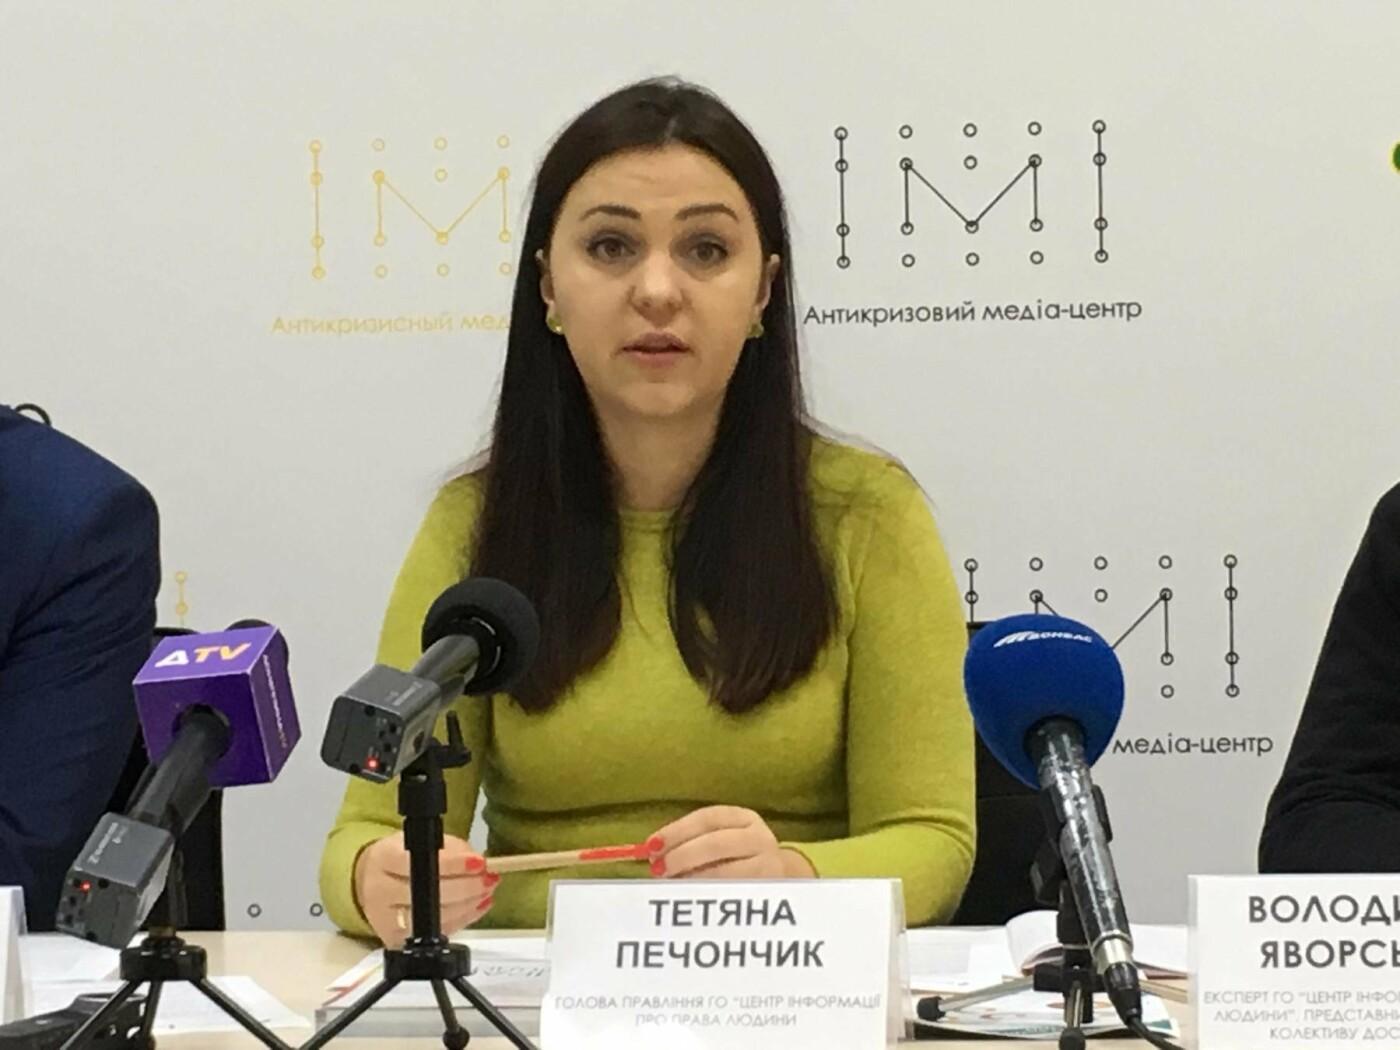 Мешканці Донбасу песимістично оцінюють зміни у ситуації з правами людини, які відбулися з часів Євромайдану, фото-2